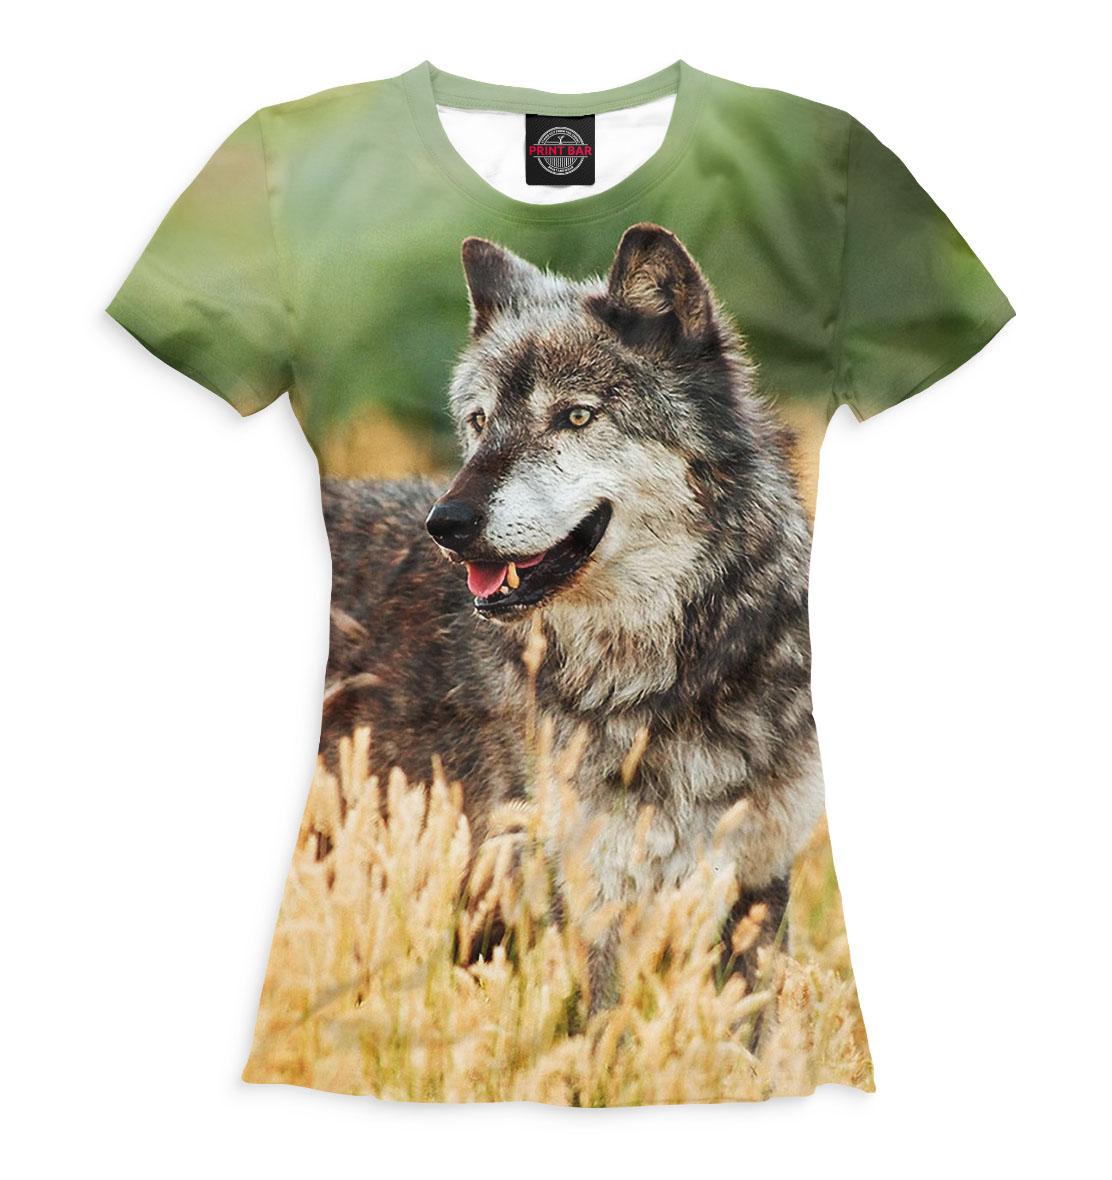 Волк, Printbar, Футболки, VLF-412415-fut-1  - купить со скидкой